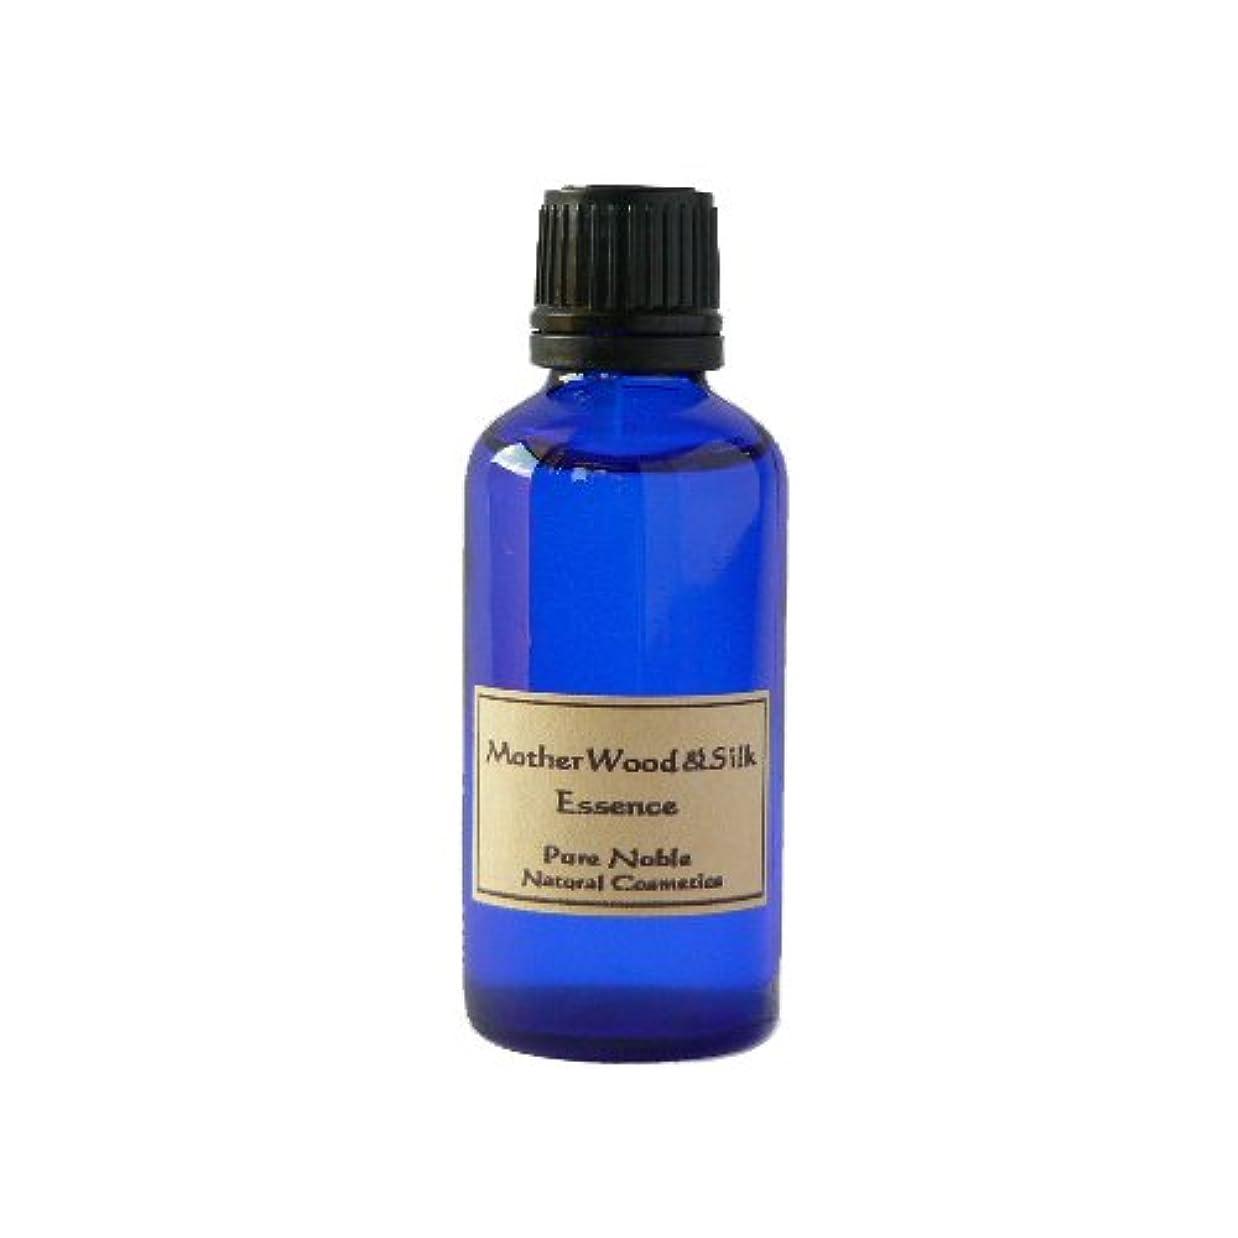 お手伝いさん決定考える植物性コラーゲンたっぷり!白樺樹液と有機ハーブの無添加美容液 マザーウッド&シルクエッセンス 50ml